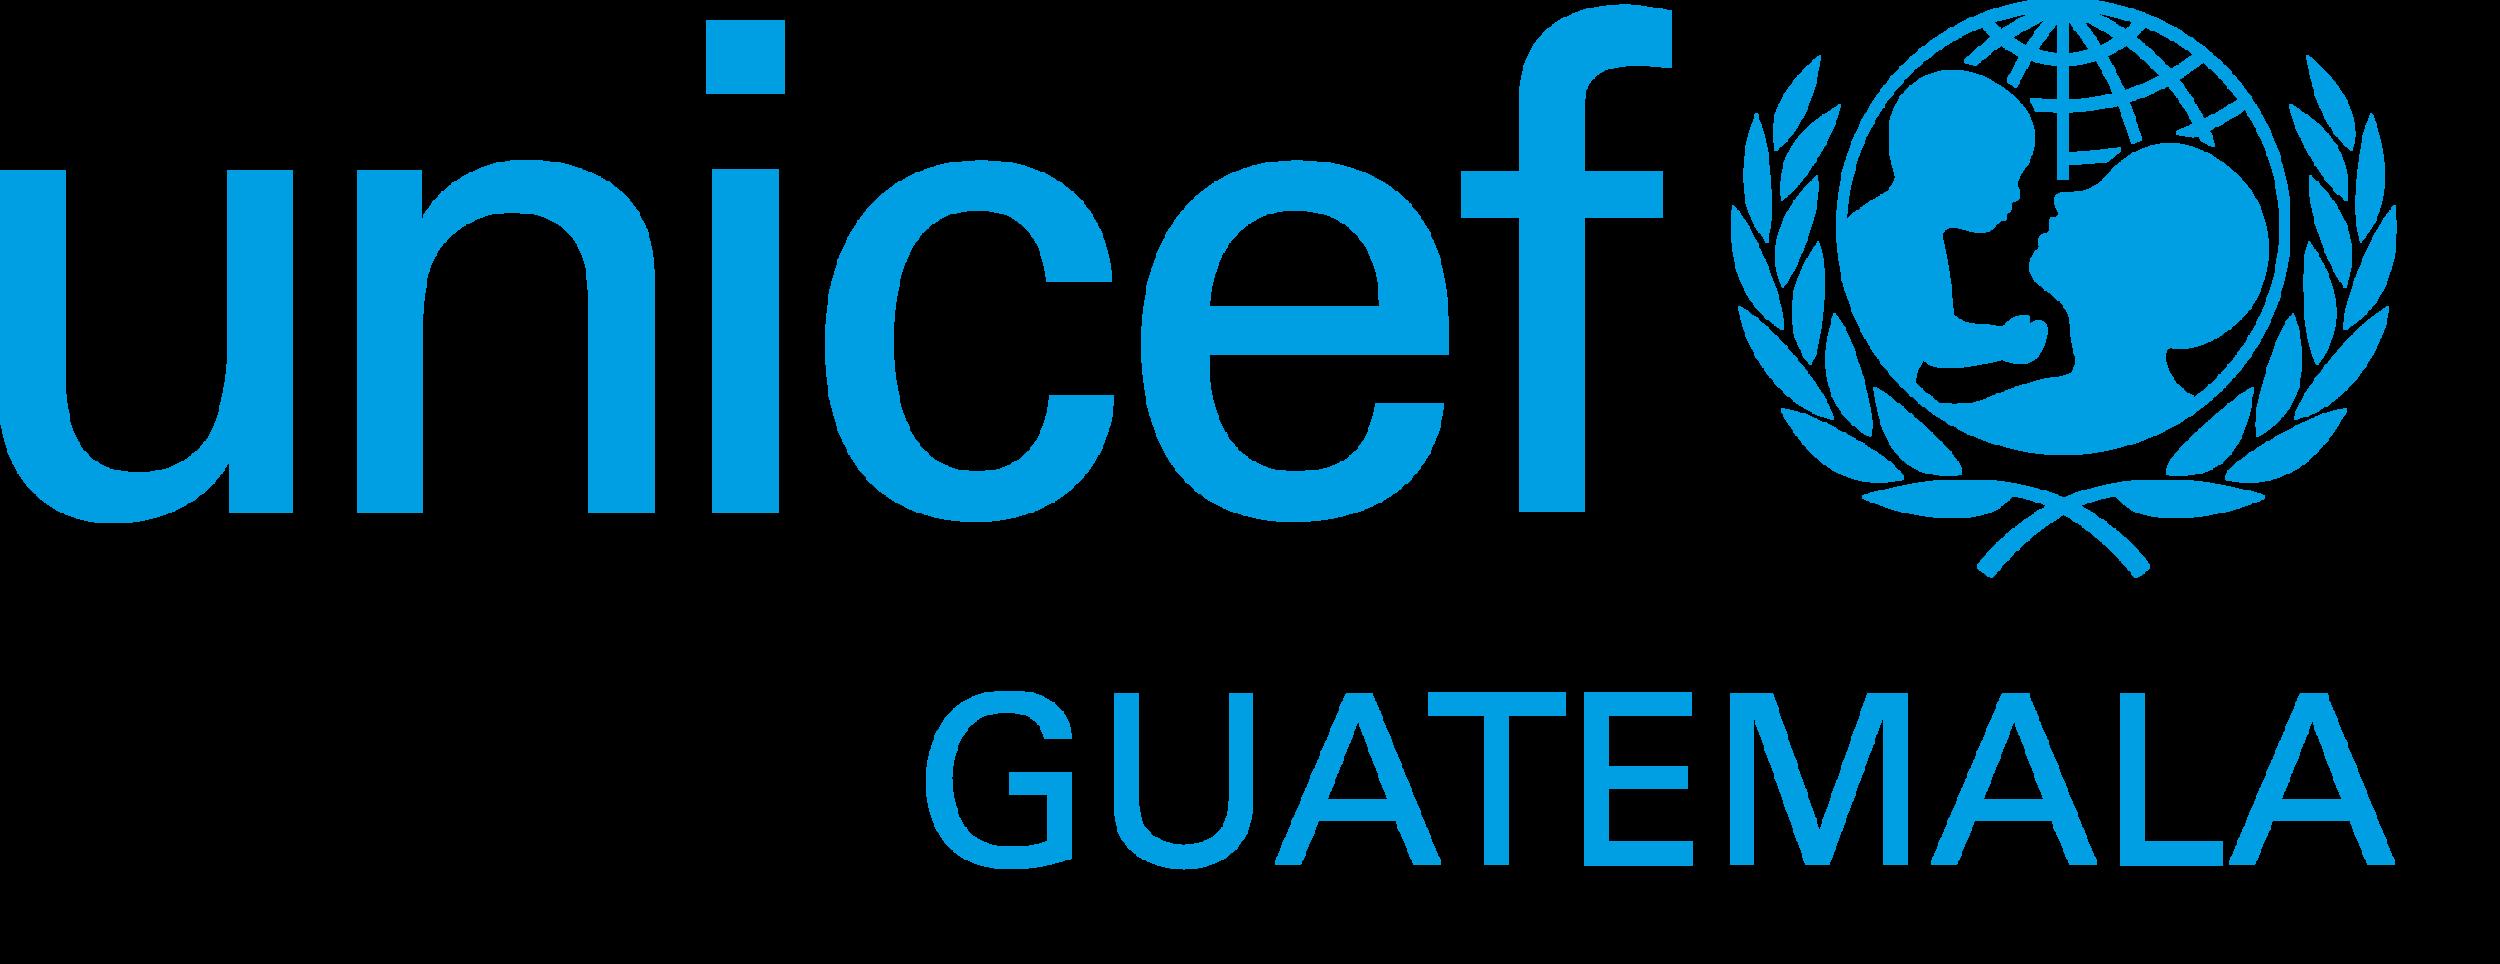 UNICEF_LOGO_CYAN_GUATEMALA.png